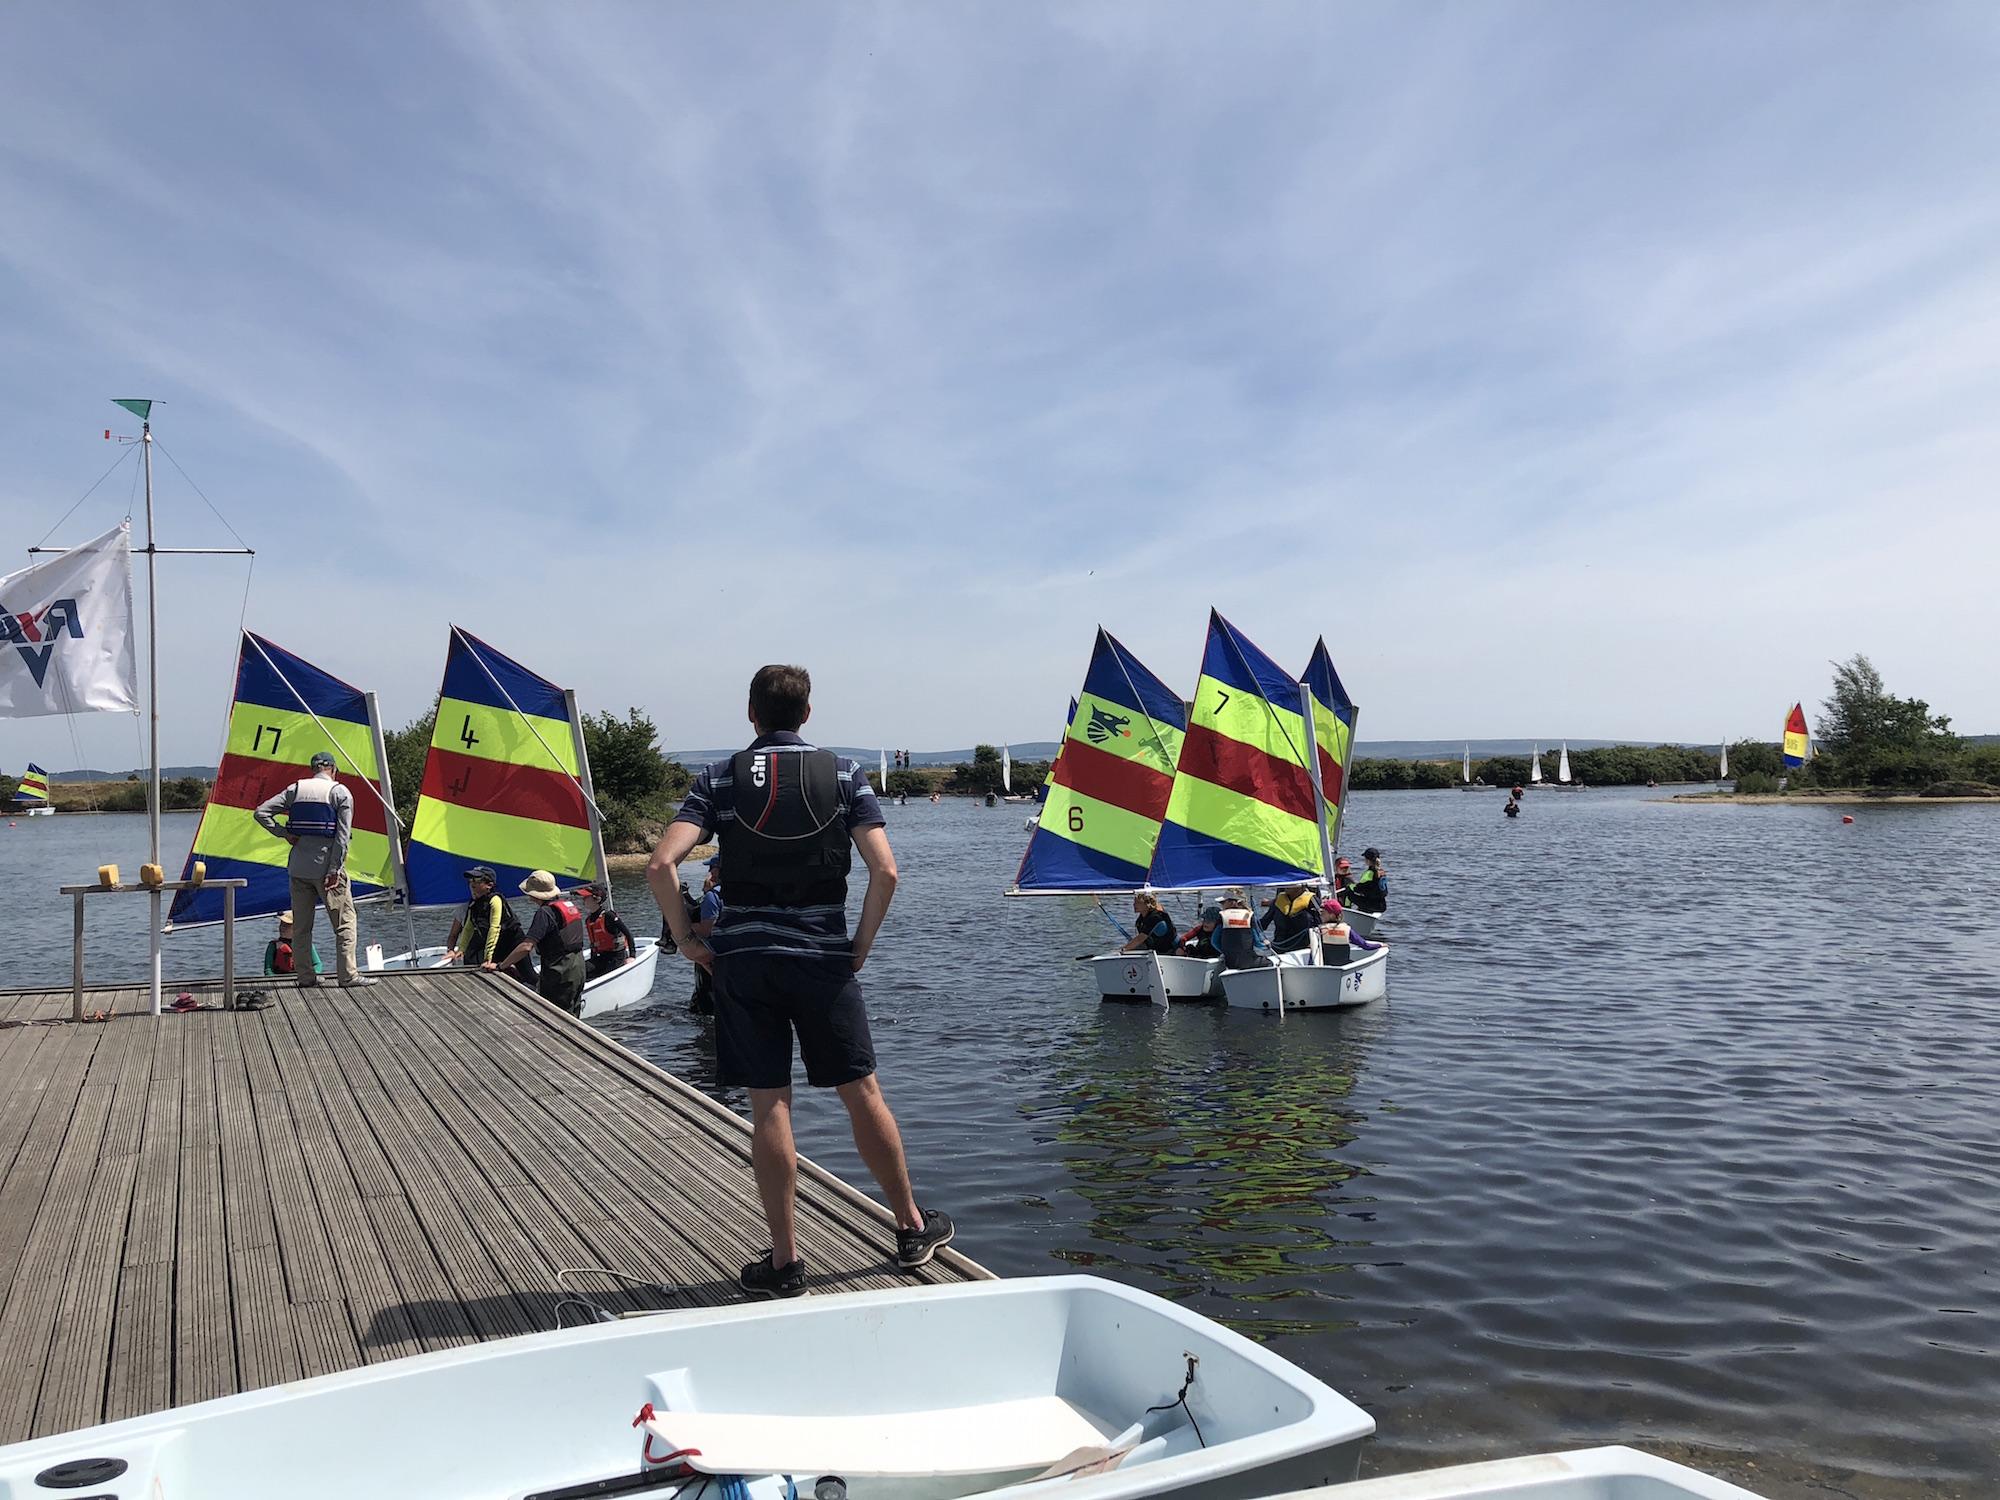 Sailing at Salterns Sailing Club